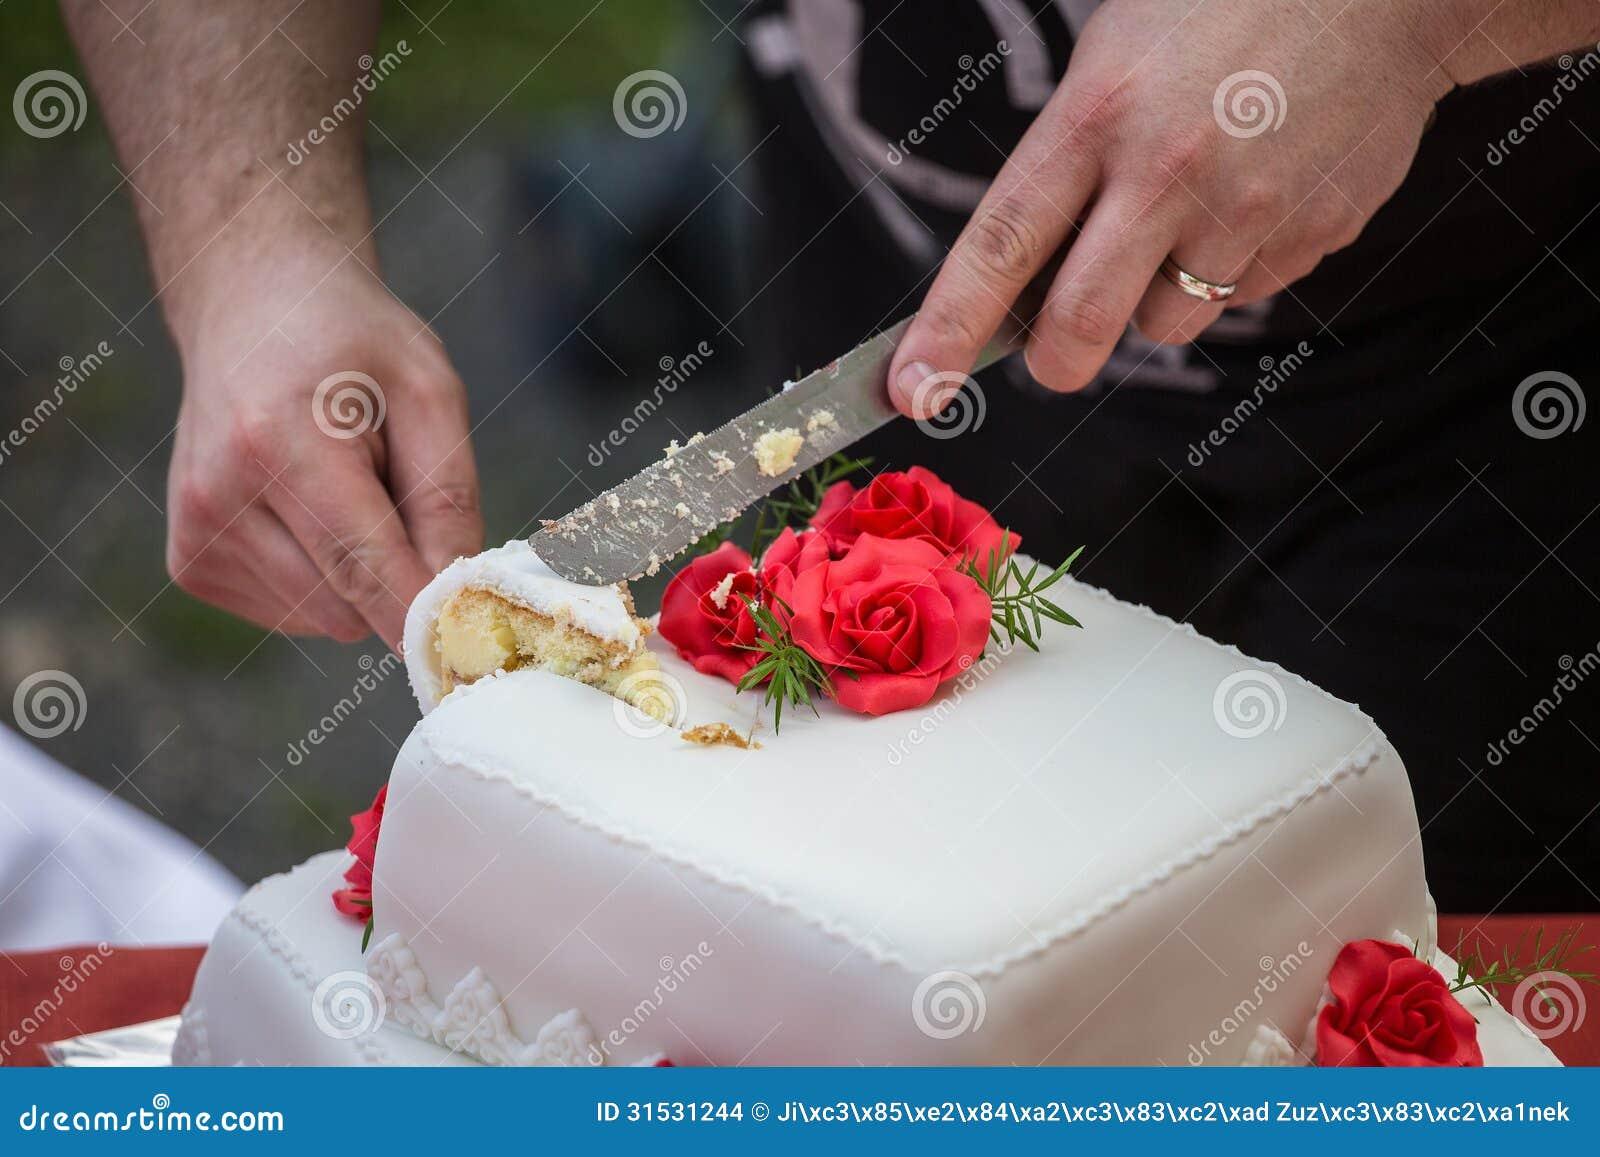 Cutting The Wedding Cake Stock Images Image 31531244